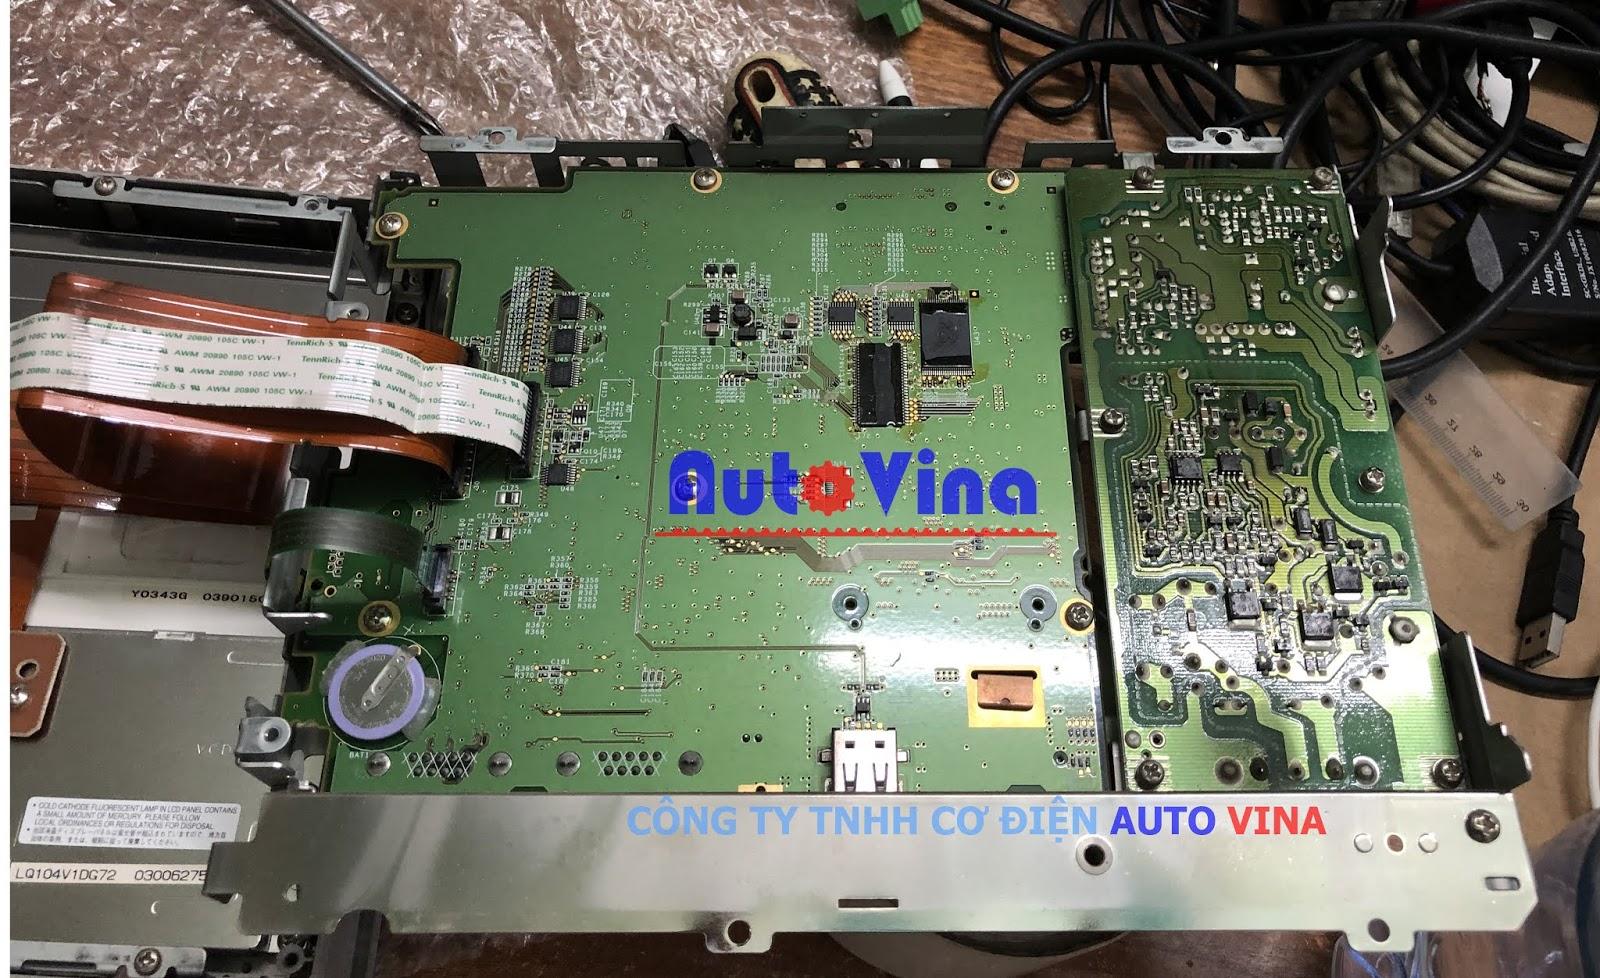 Sửa bo mạch CPU của màn hình HMI Proface AST3501-T1-D24